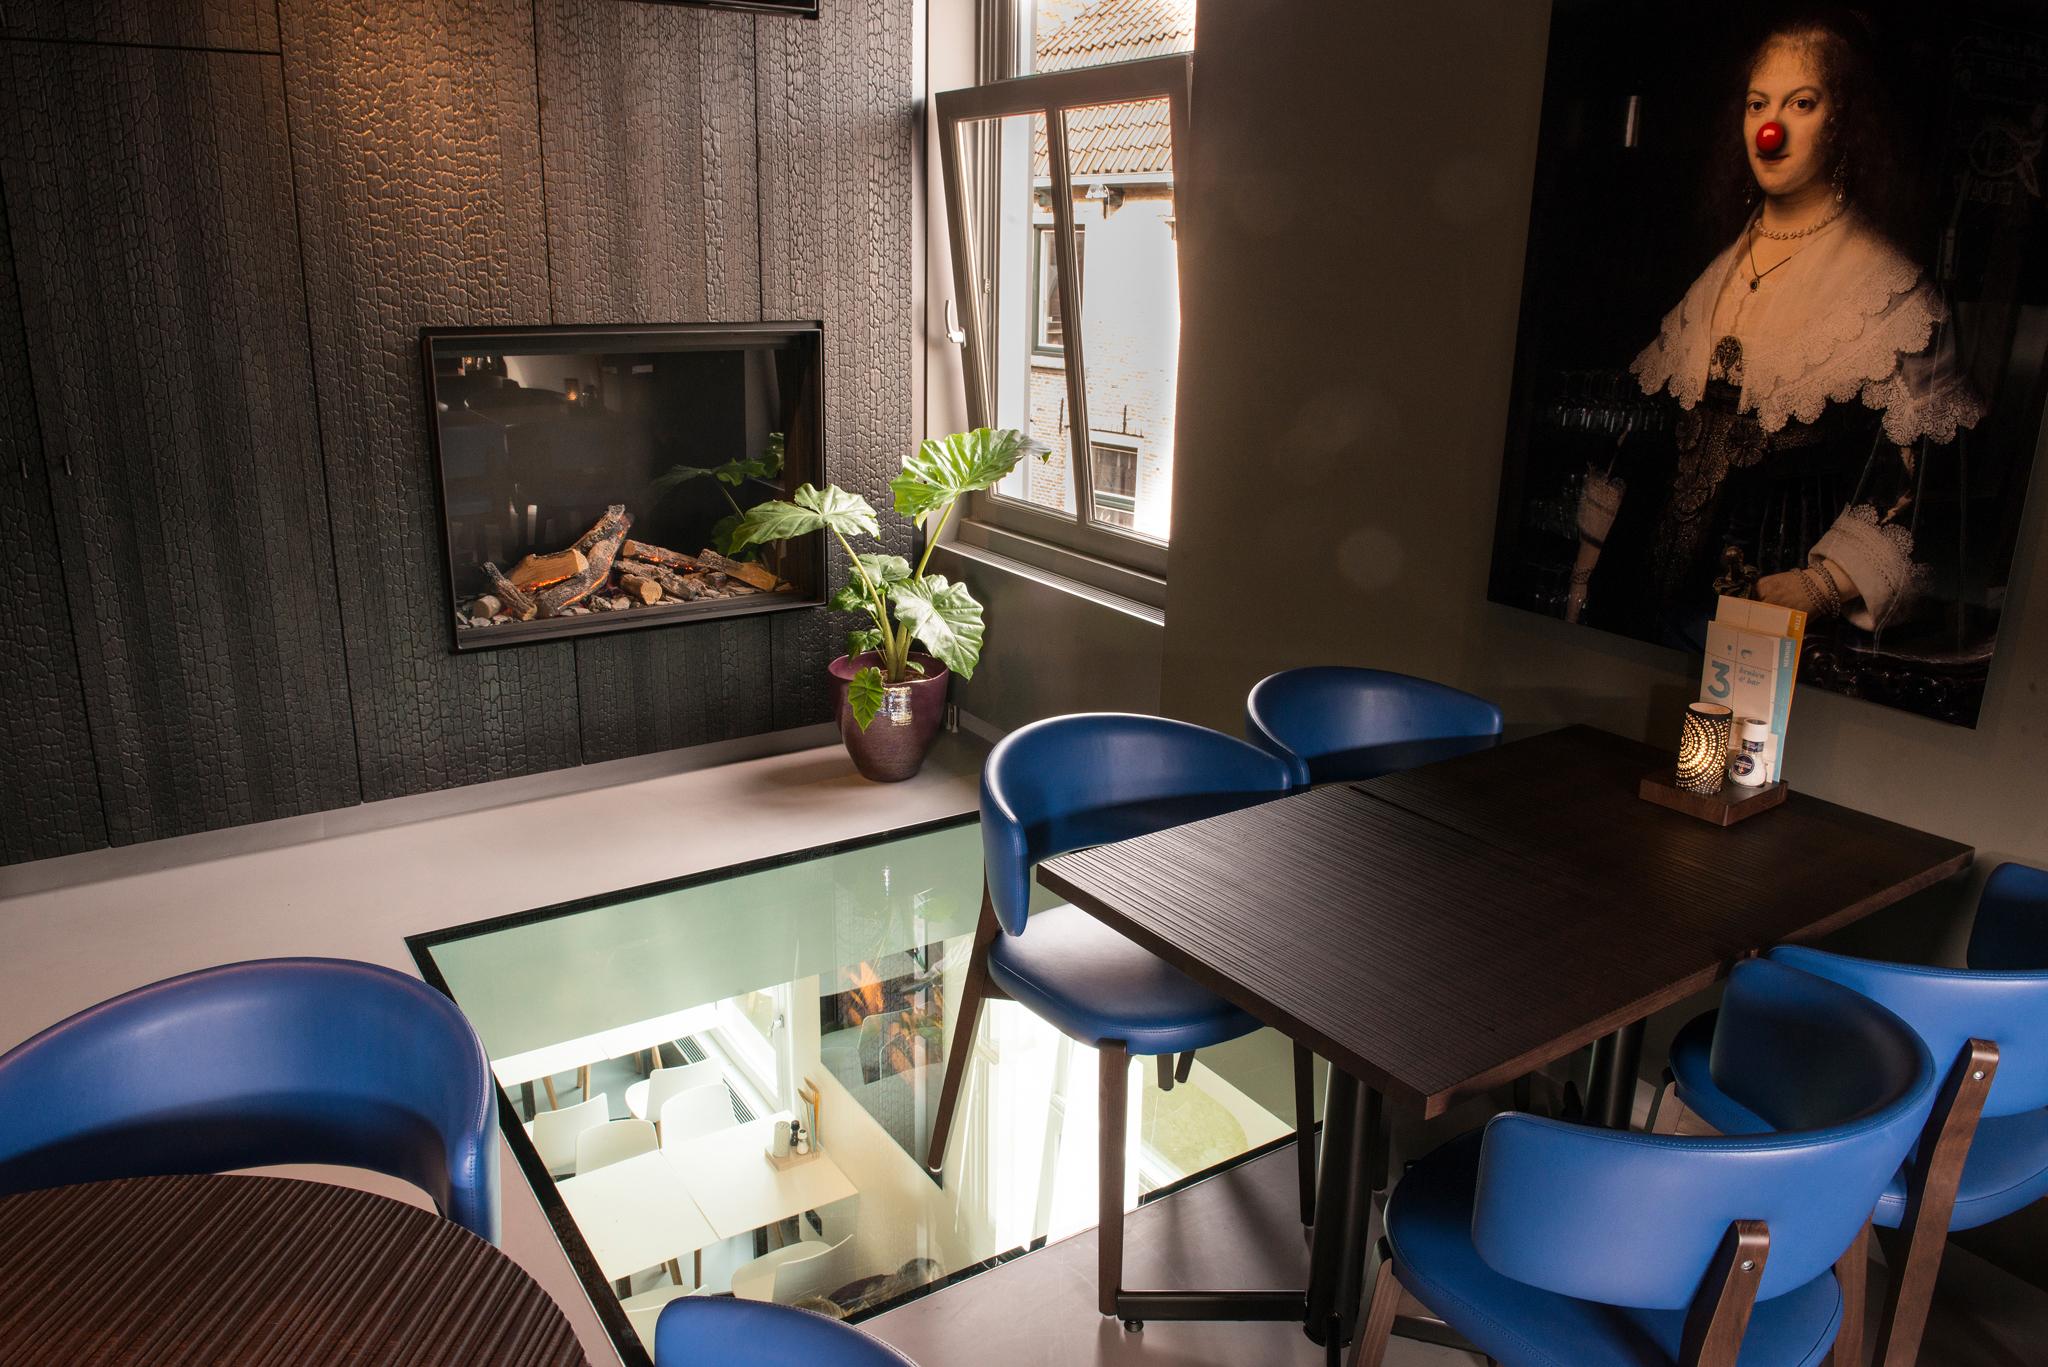 rietveld inrichting keuken en bar bernard tesink meubel maatwerk 10